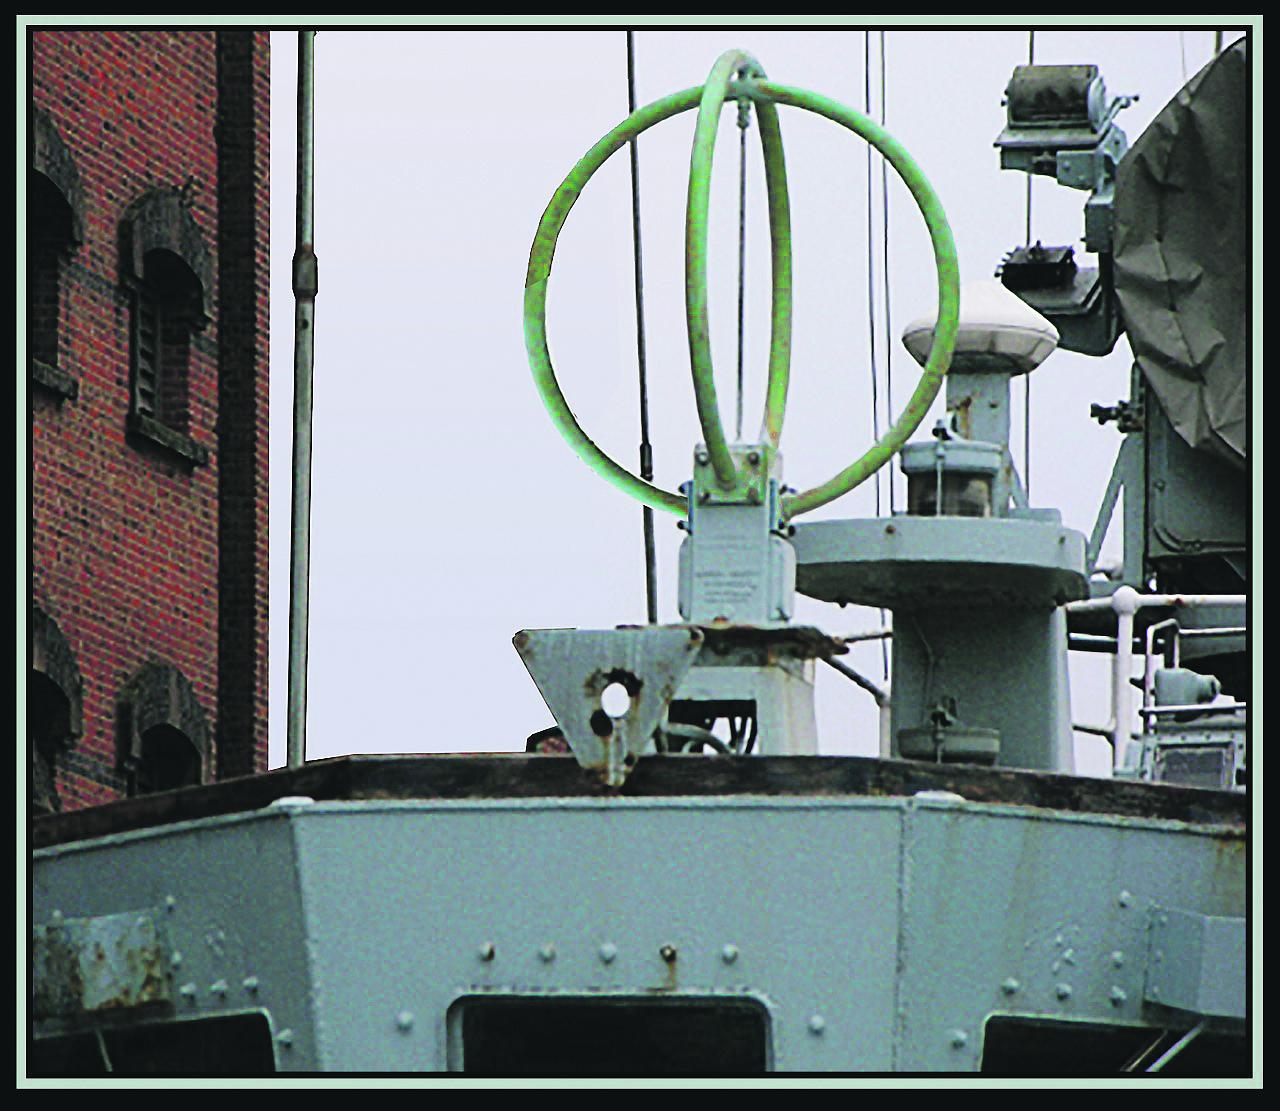 Vóór de komst van GPS was vrijwel ieder zichzelf respecterend zeegaand schip uitgerust met een dergelijke antenne, om via radiopeilingen de eigen positie te kunnen bepalen.